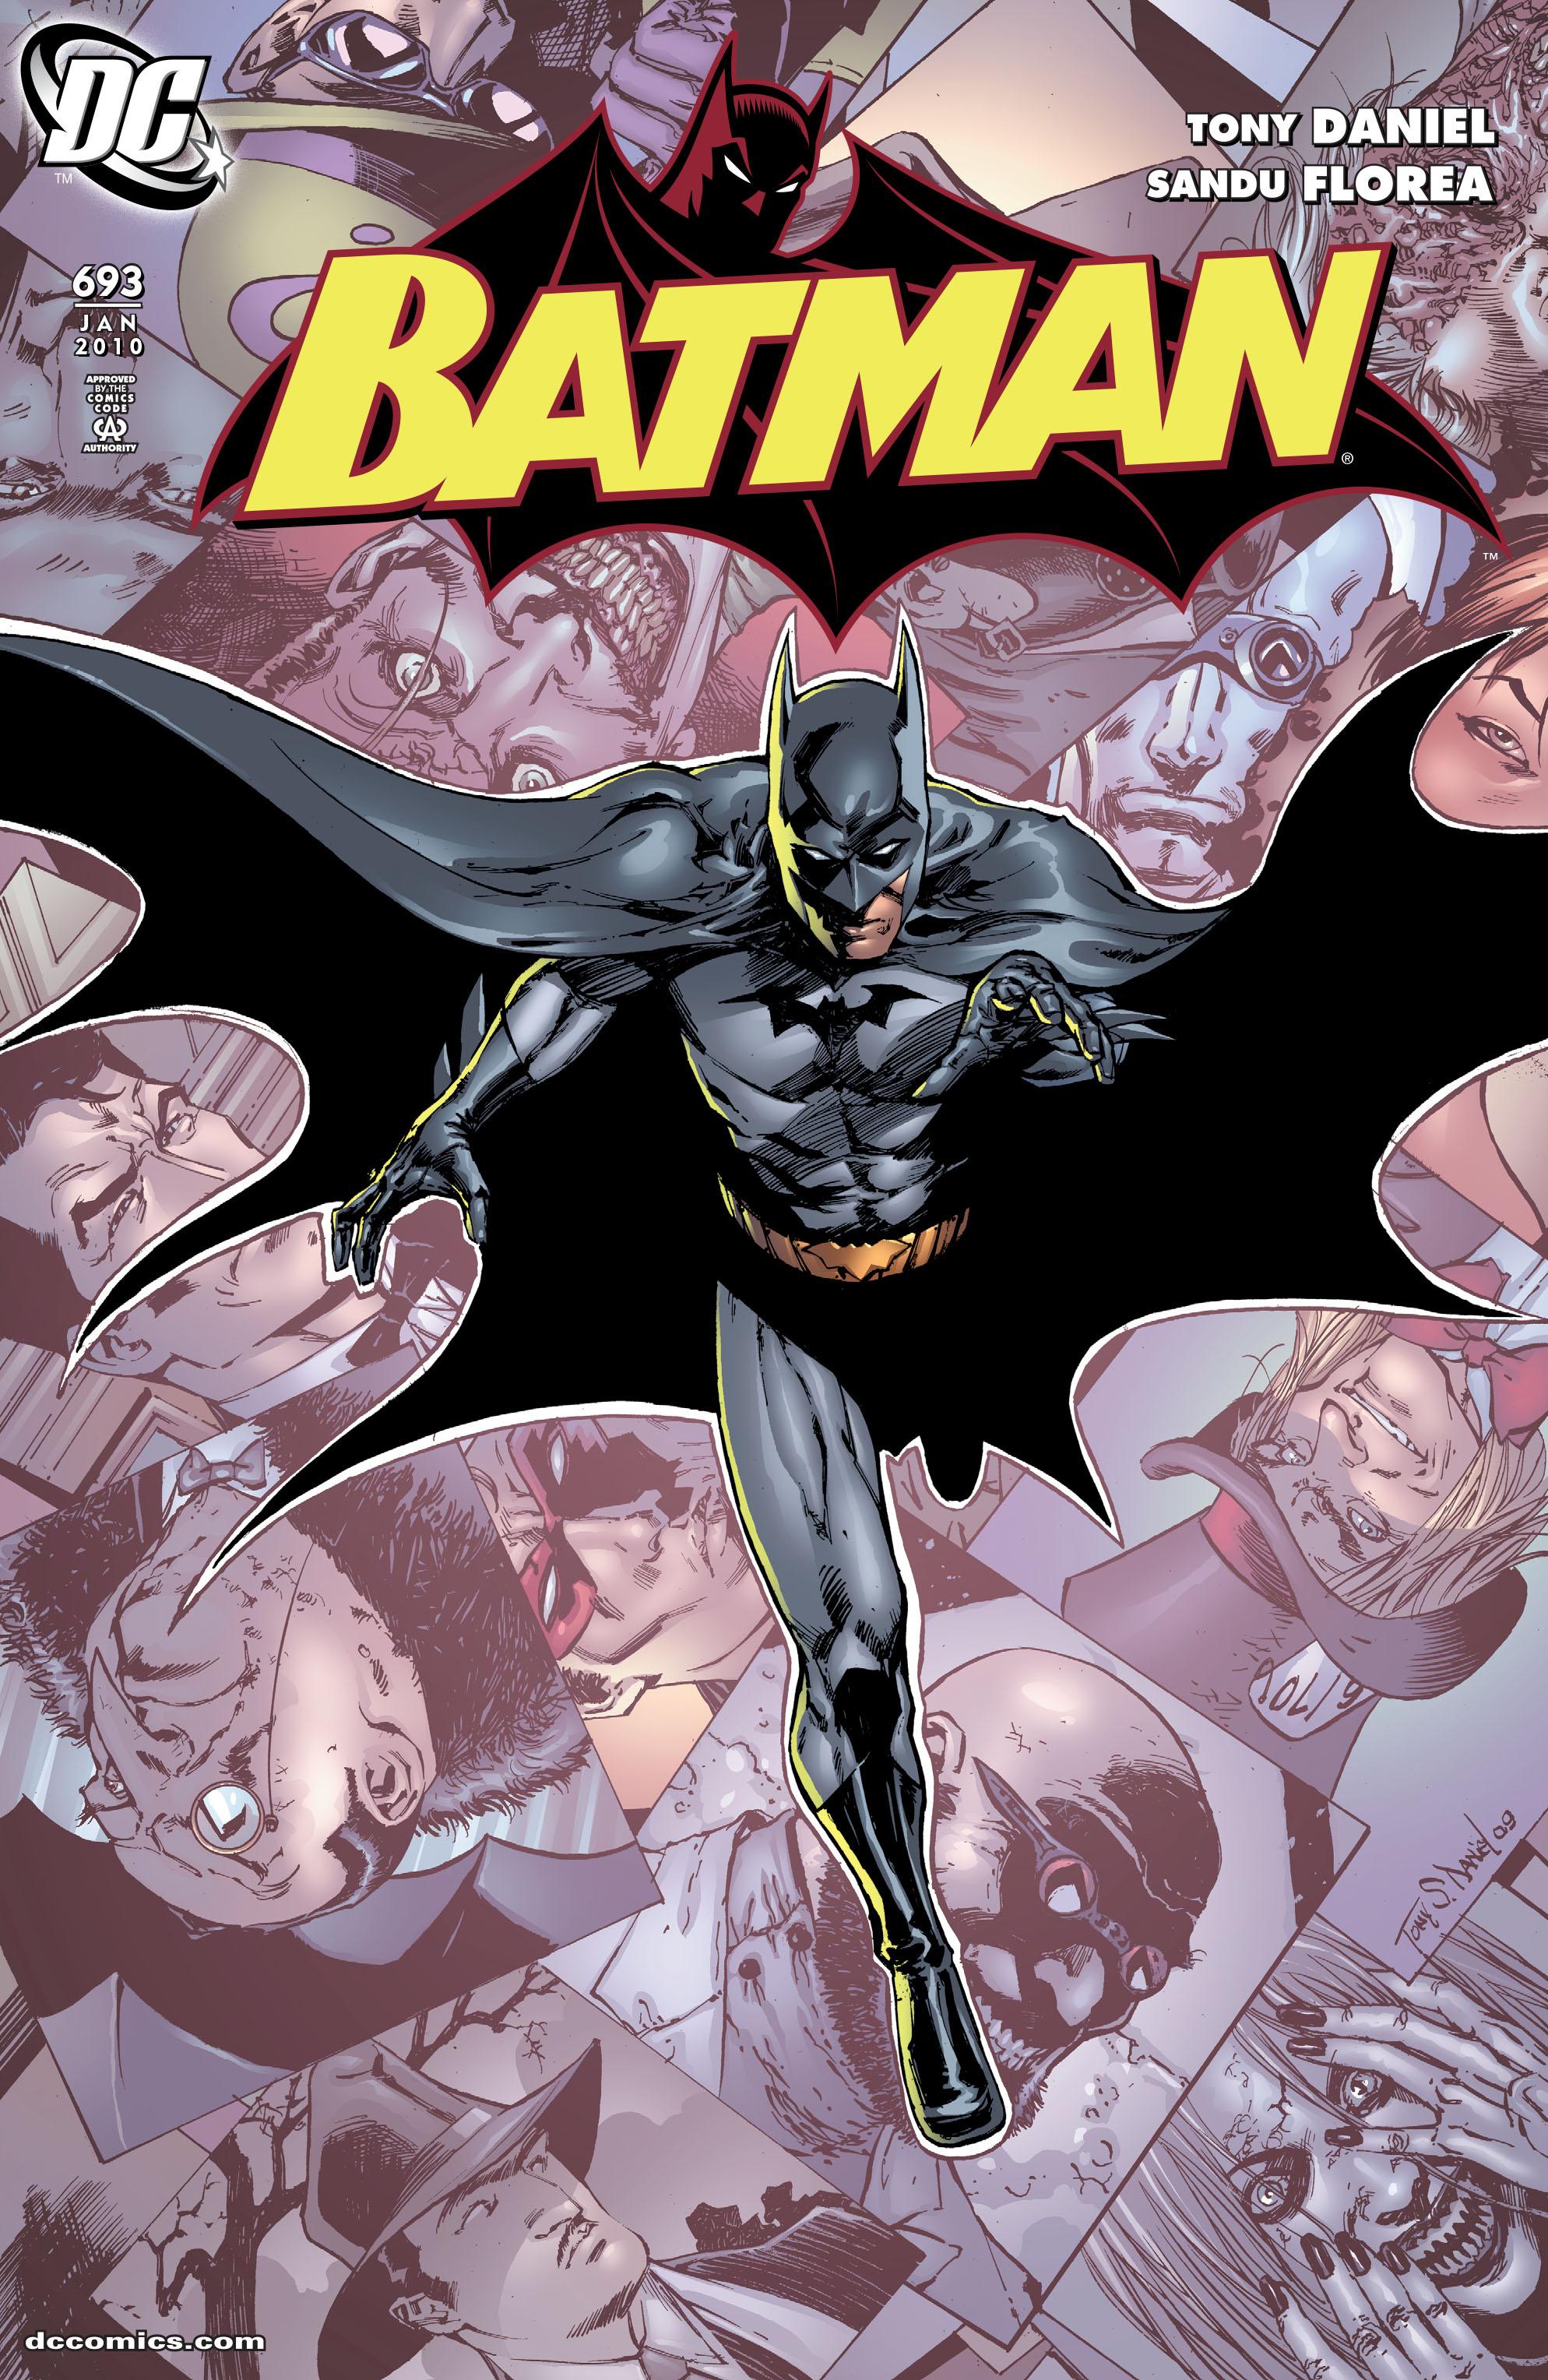 Batman (1940) 693 Page 1